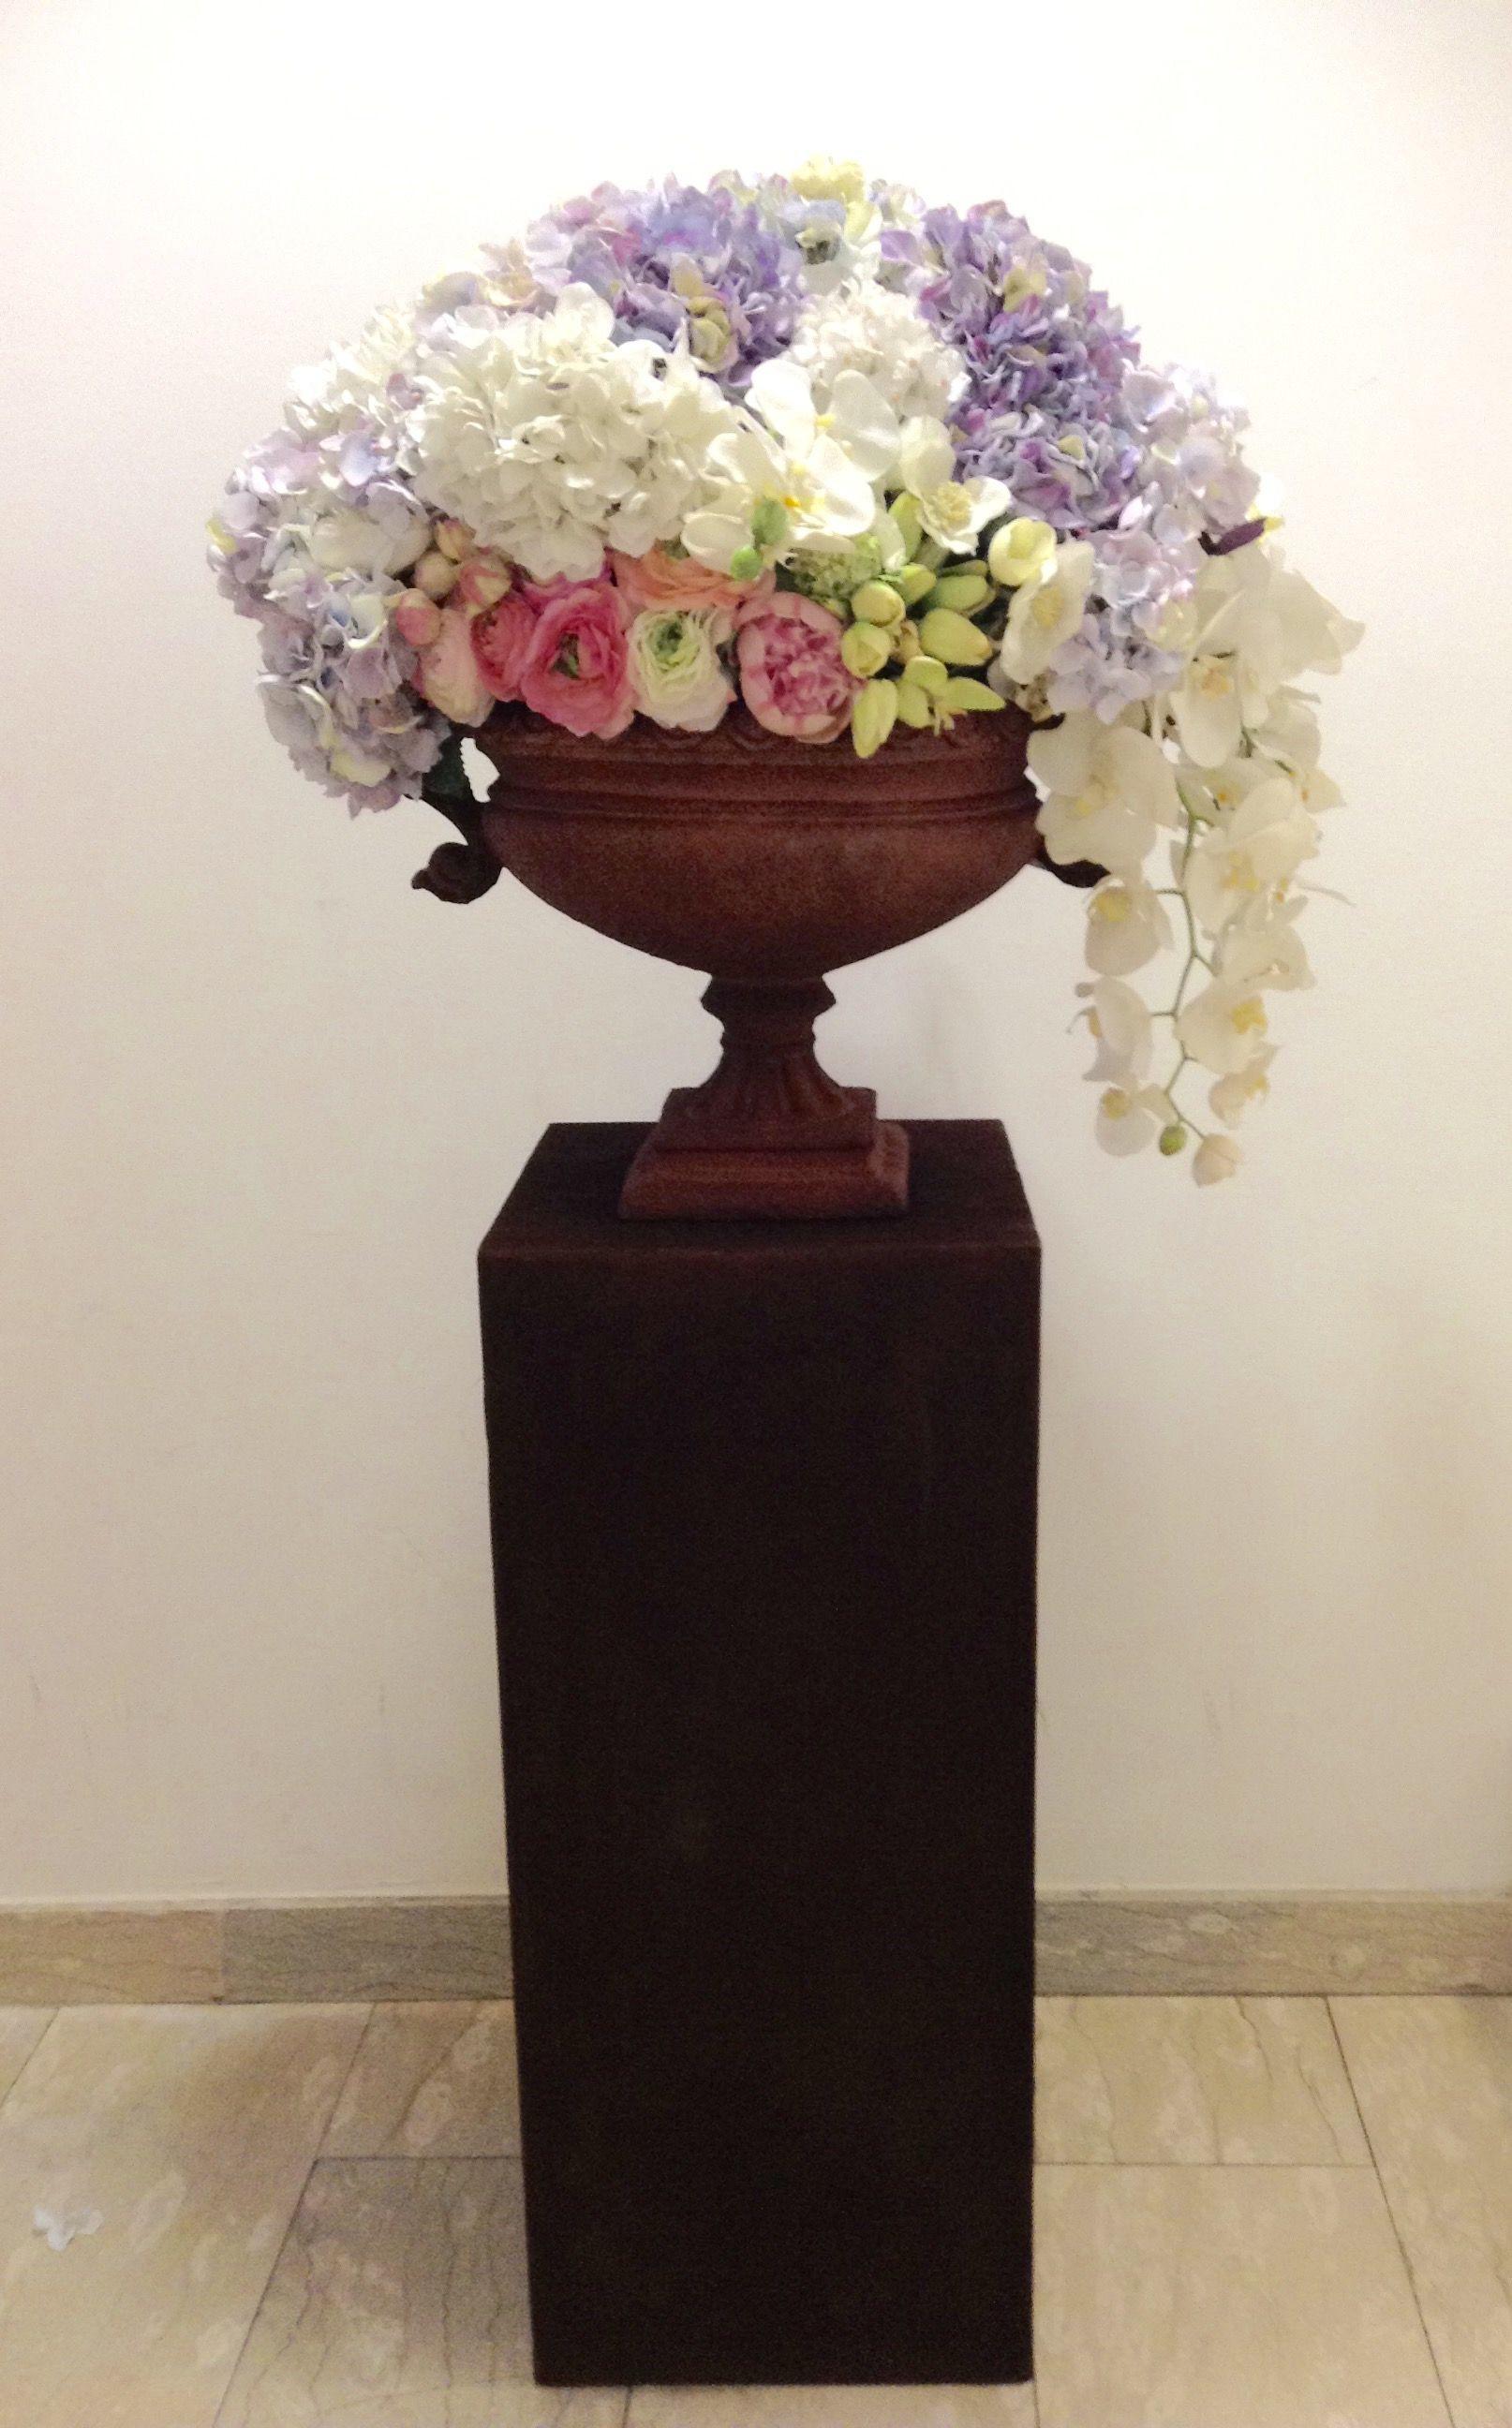 roseville pottery vases value of pics of pedestal flower vase vases artificial plants collection regarding pedestal flower vase image rusty big urn on rusty pedestal of pics of pedestal flower vase